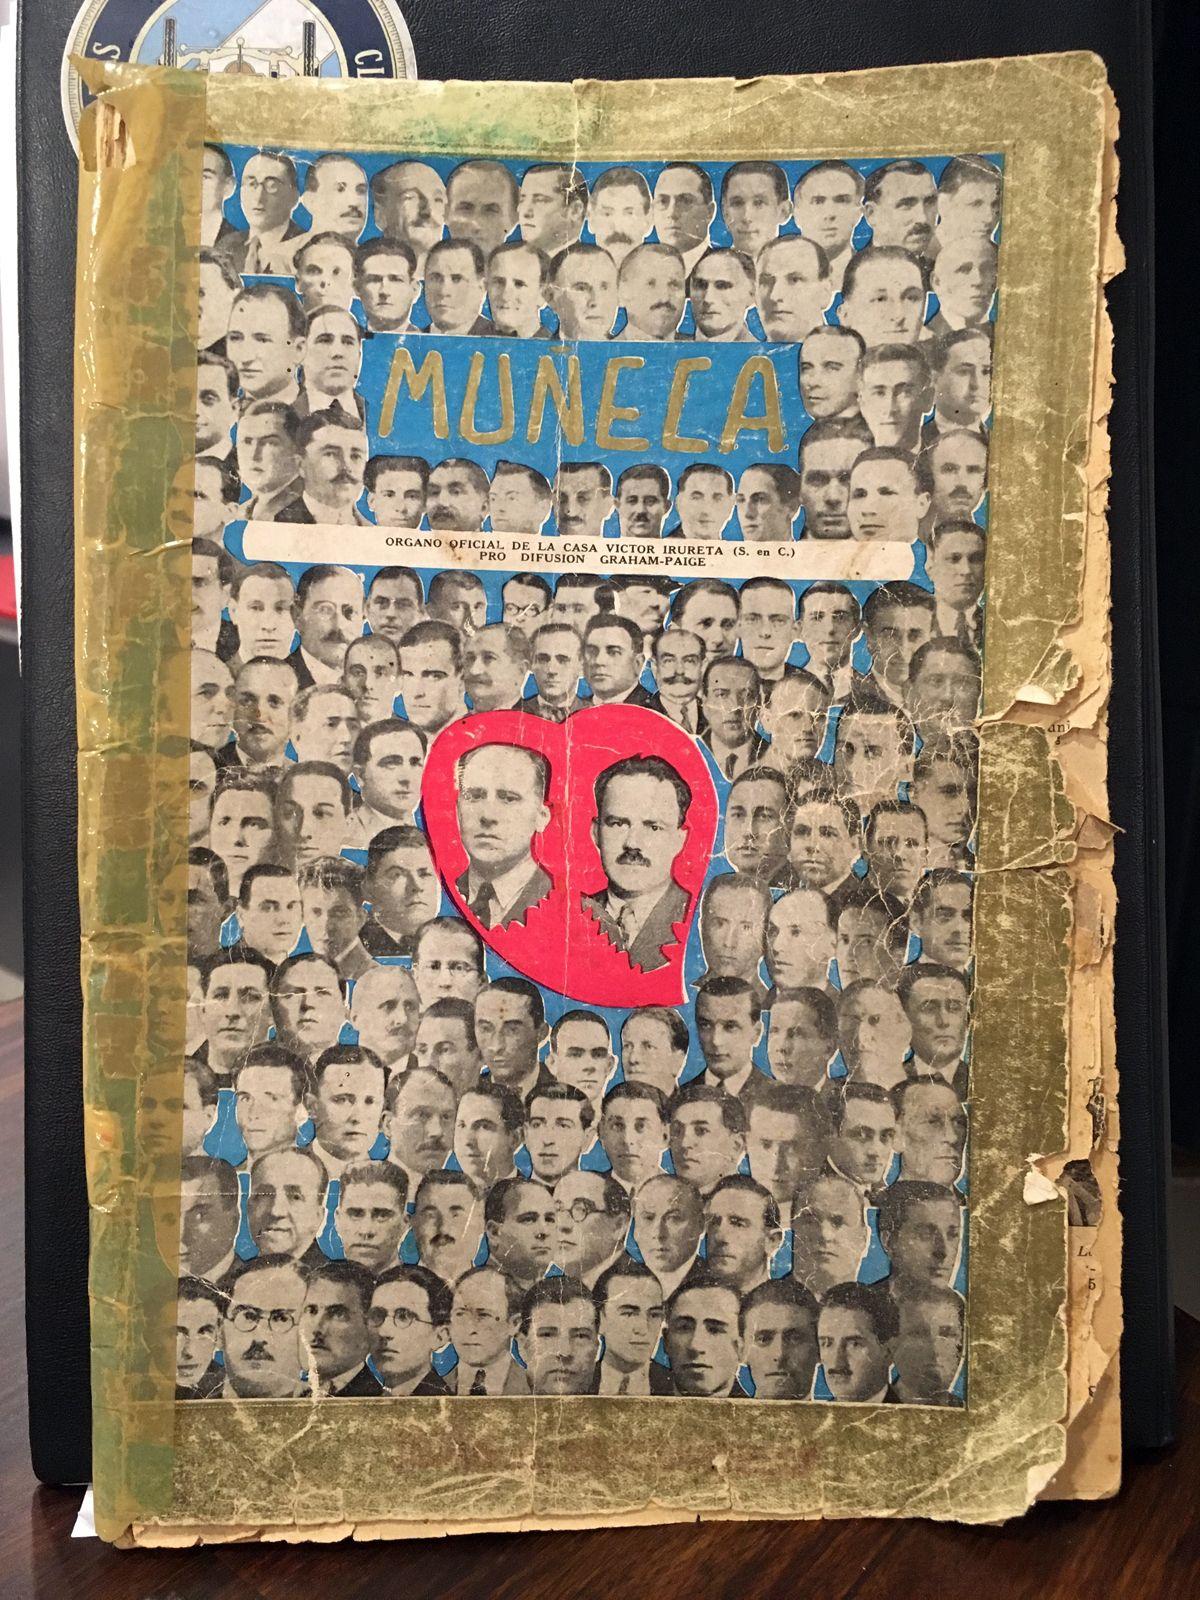 01Muñeca _Diciembre 1929 portada